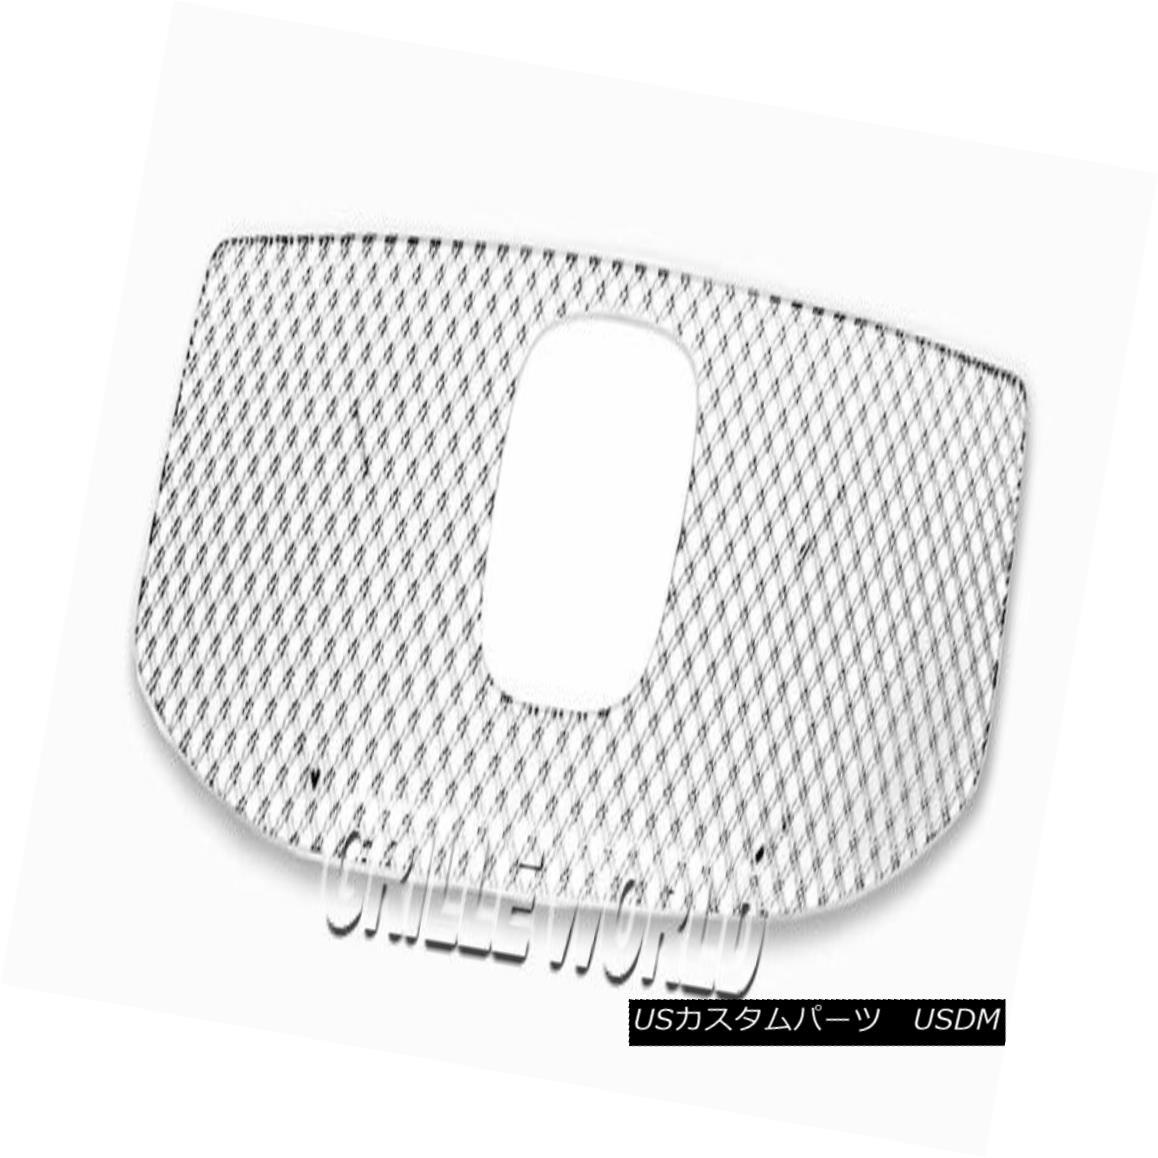 グリル For 2012-2015 Honda Pilot Stainless Steel Double Wire X Mesh Blitz Grille 2012-2015ホンダパイロットステンレススチールダブルワイヤーXメッシュブリッツグリル